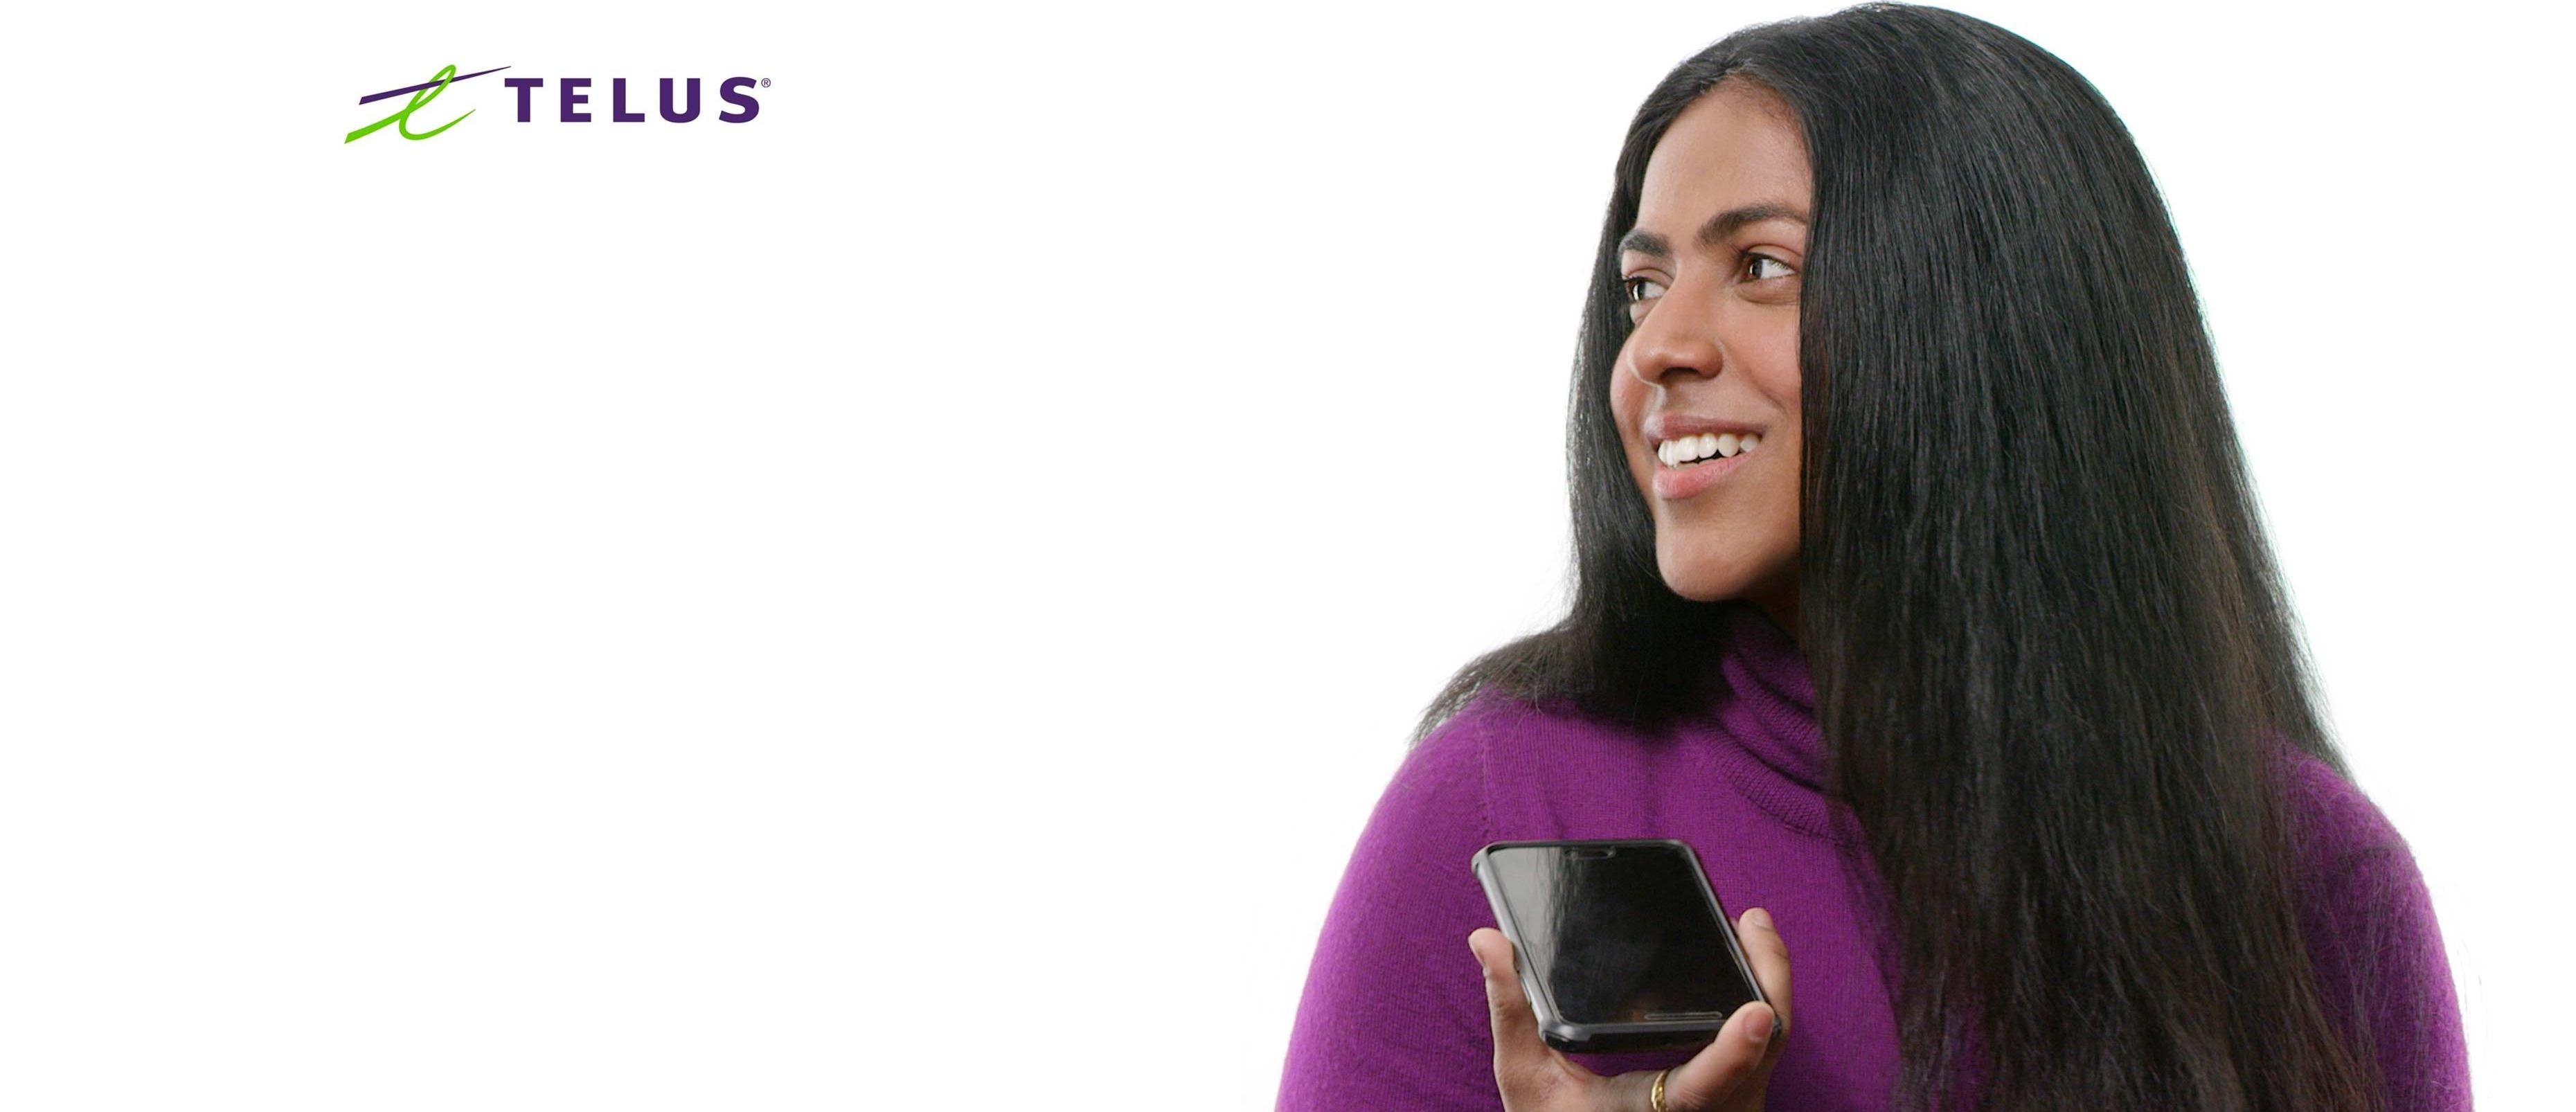 Samidha tenant un téléphone.